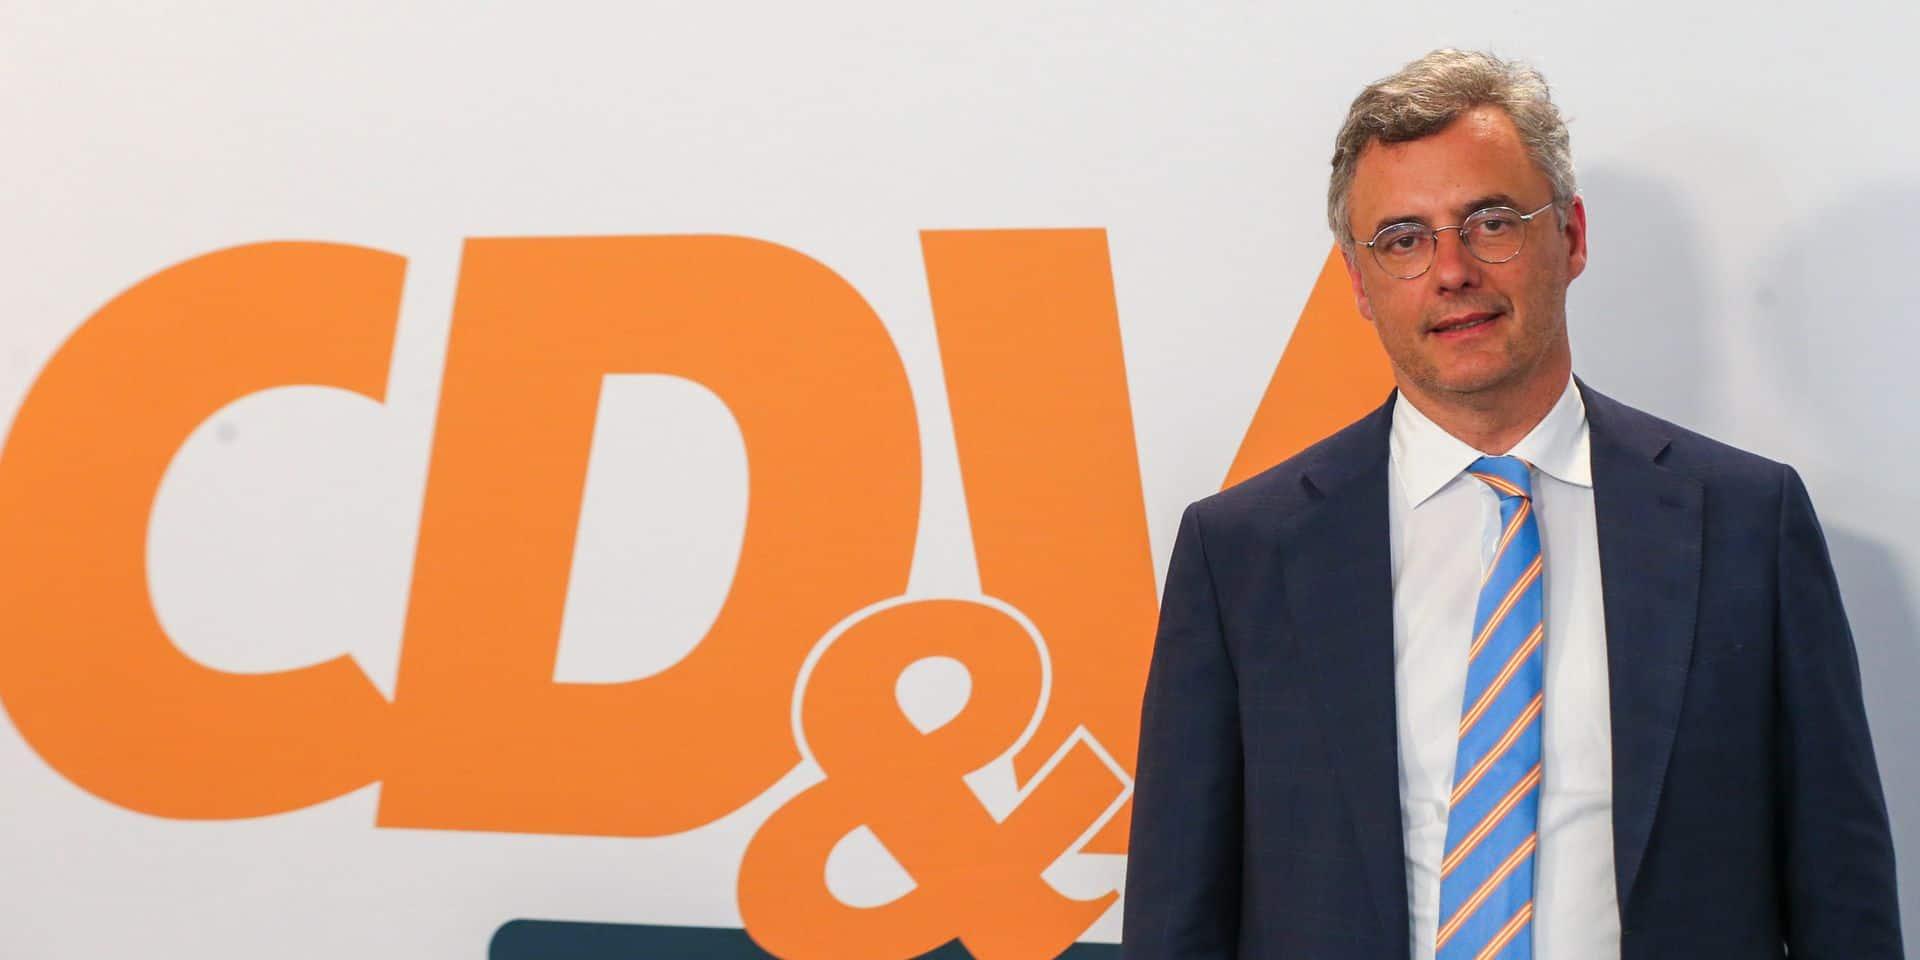 """Joachim Coens, président du CD&V, impliqué dans un accident de la route avec une jeune fille de 19 ans: """"J'espère vraiment que tout se passera bien pour elle"""""""